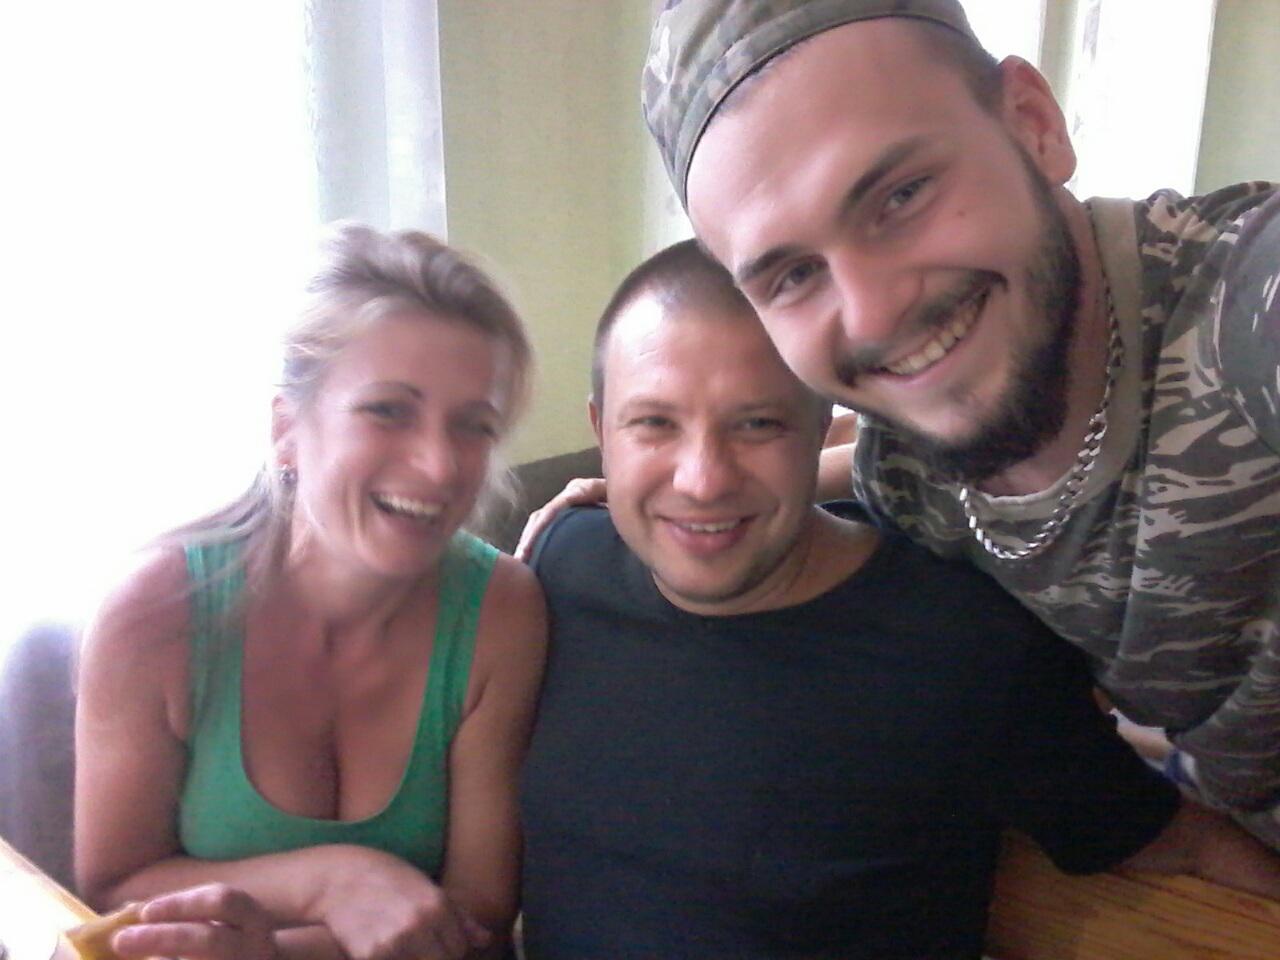 http://ur4nww.qrz.ru/hamfest/stepashki2016/us5nkd_09.jpg